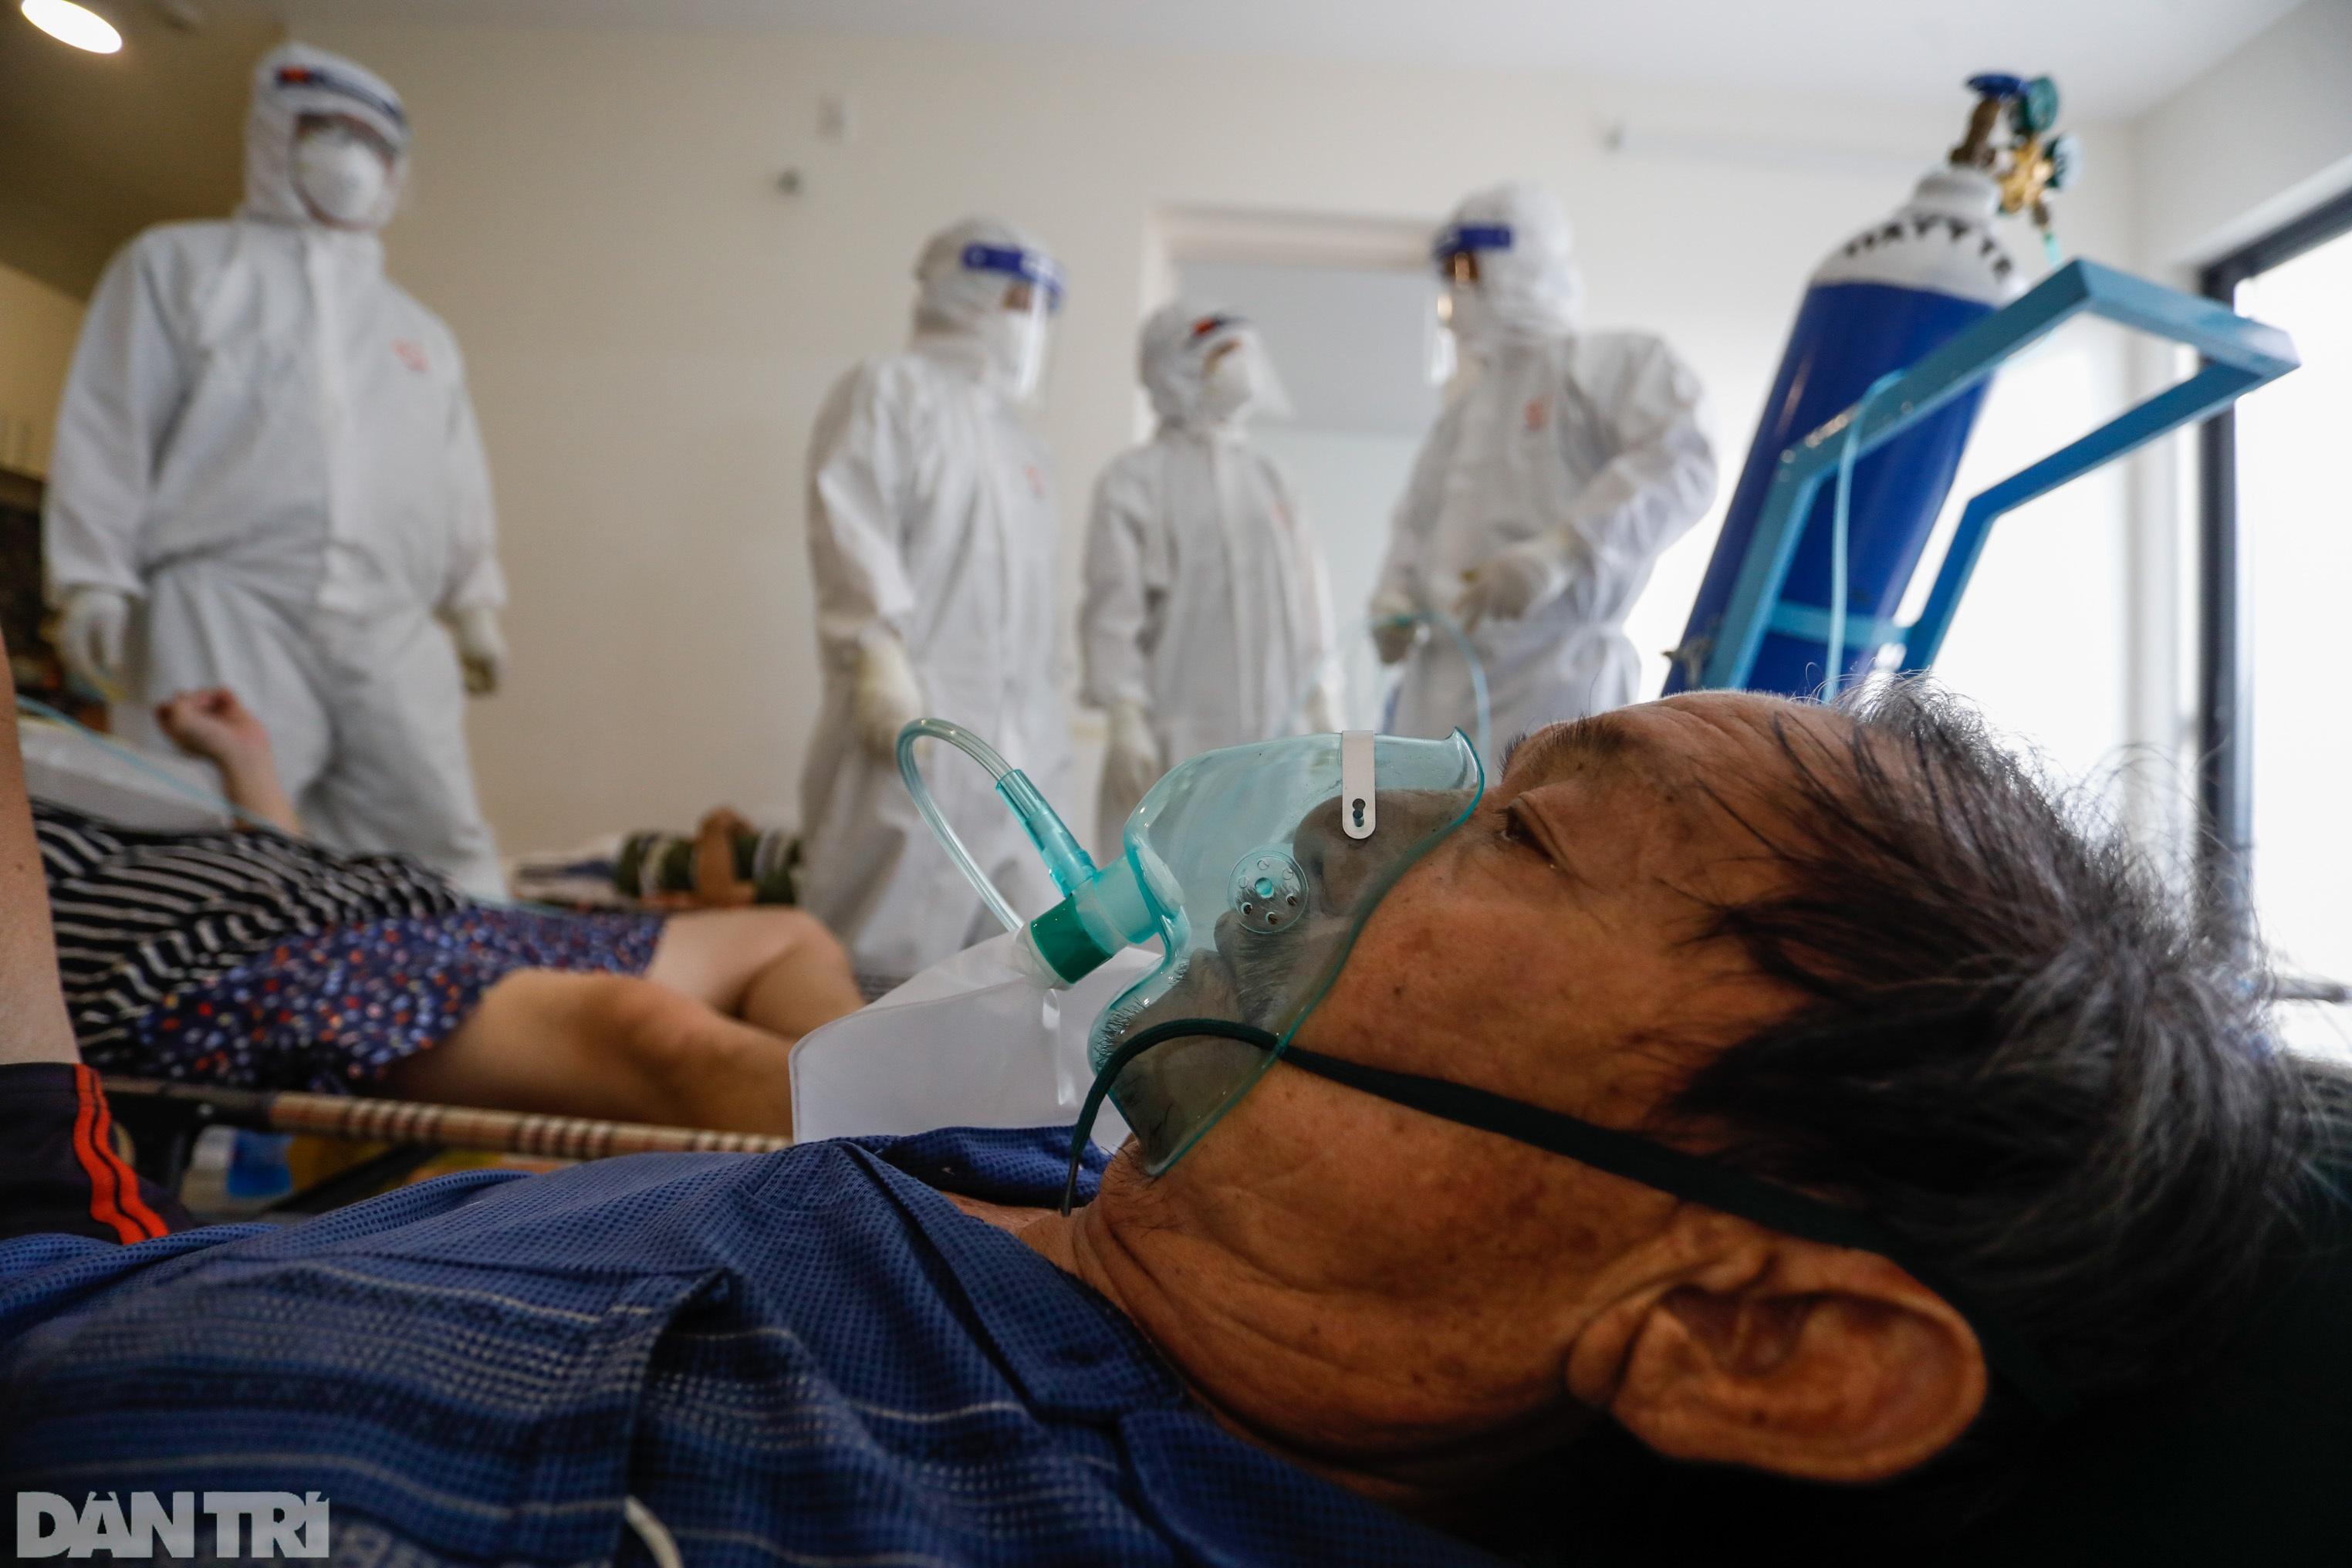 Bác sĩ sáng chế bình oxy đặc biệt giúp hàng trăm F0 vượt cửa tử - 15